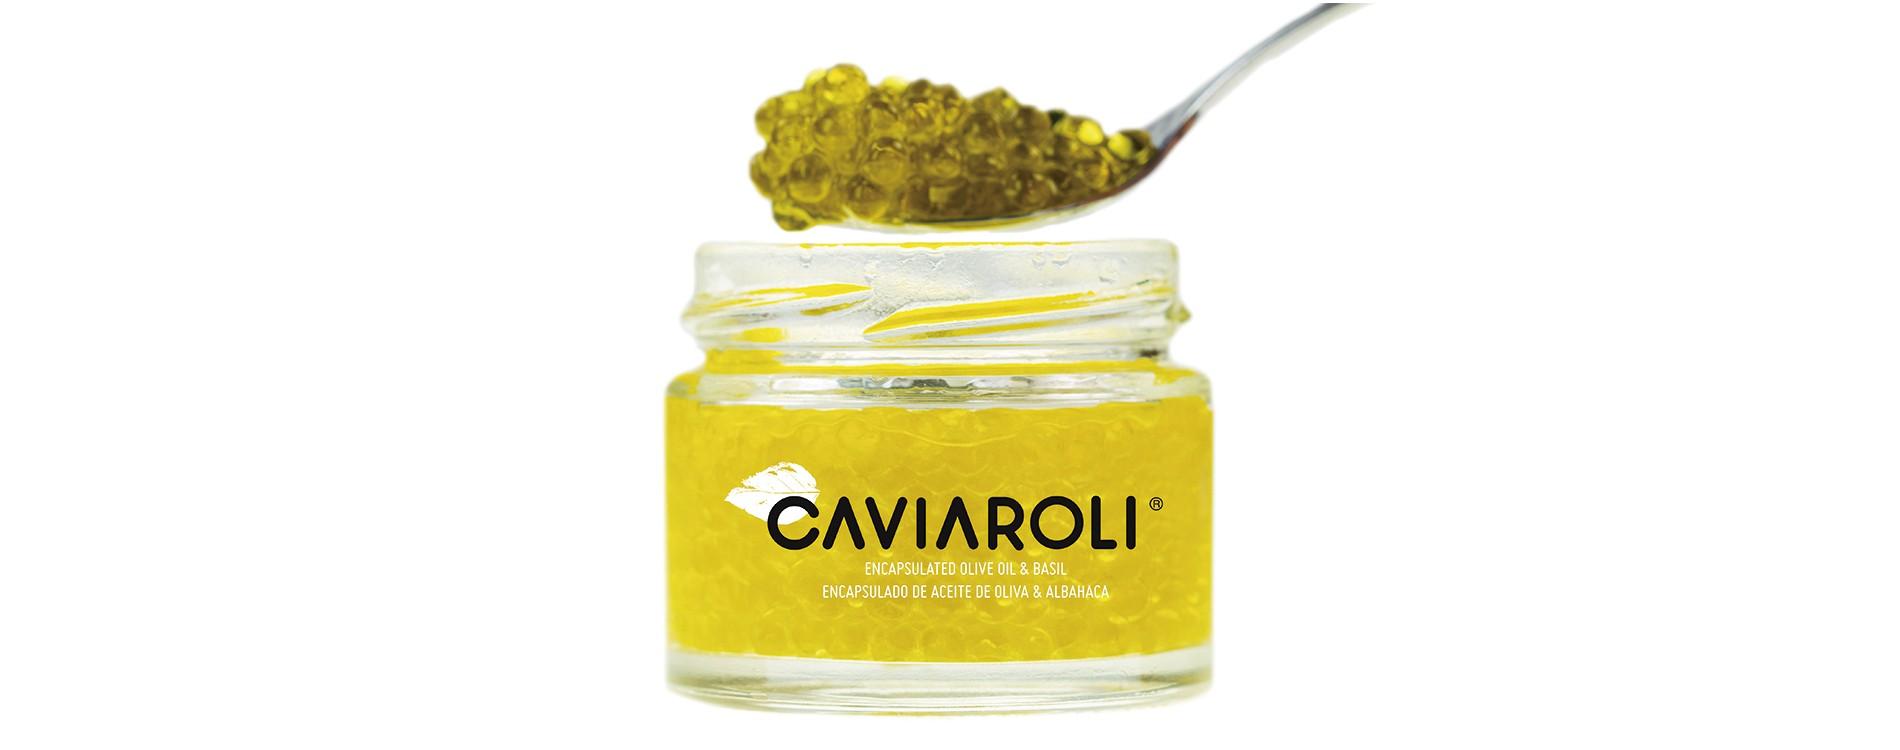 Caviaroli Caviar de Aceite de oliva